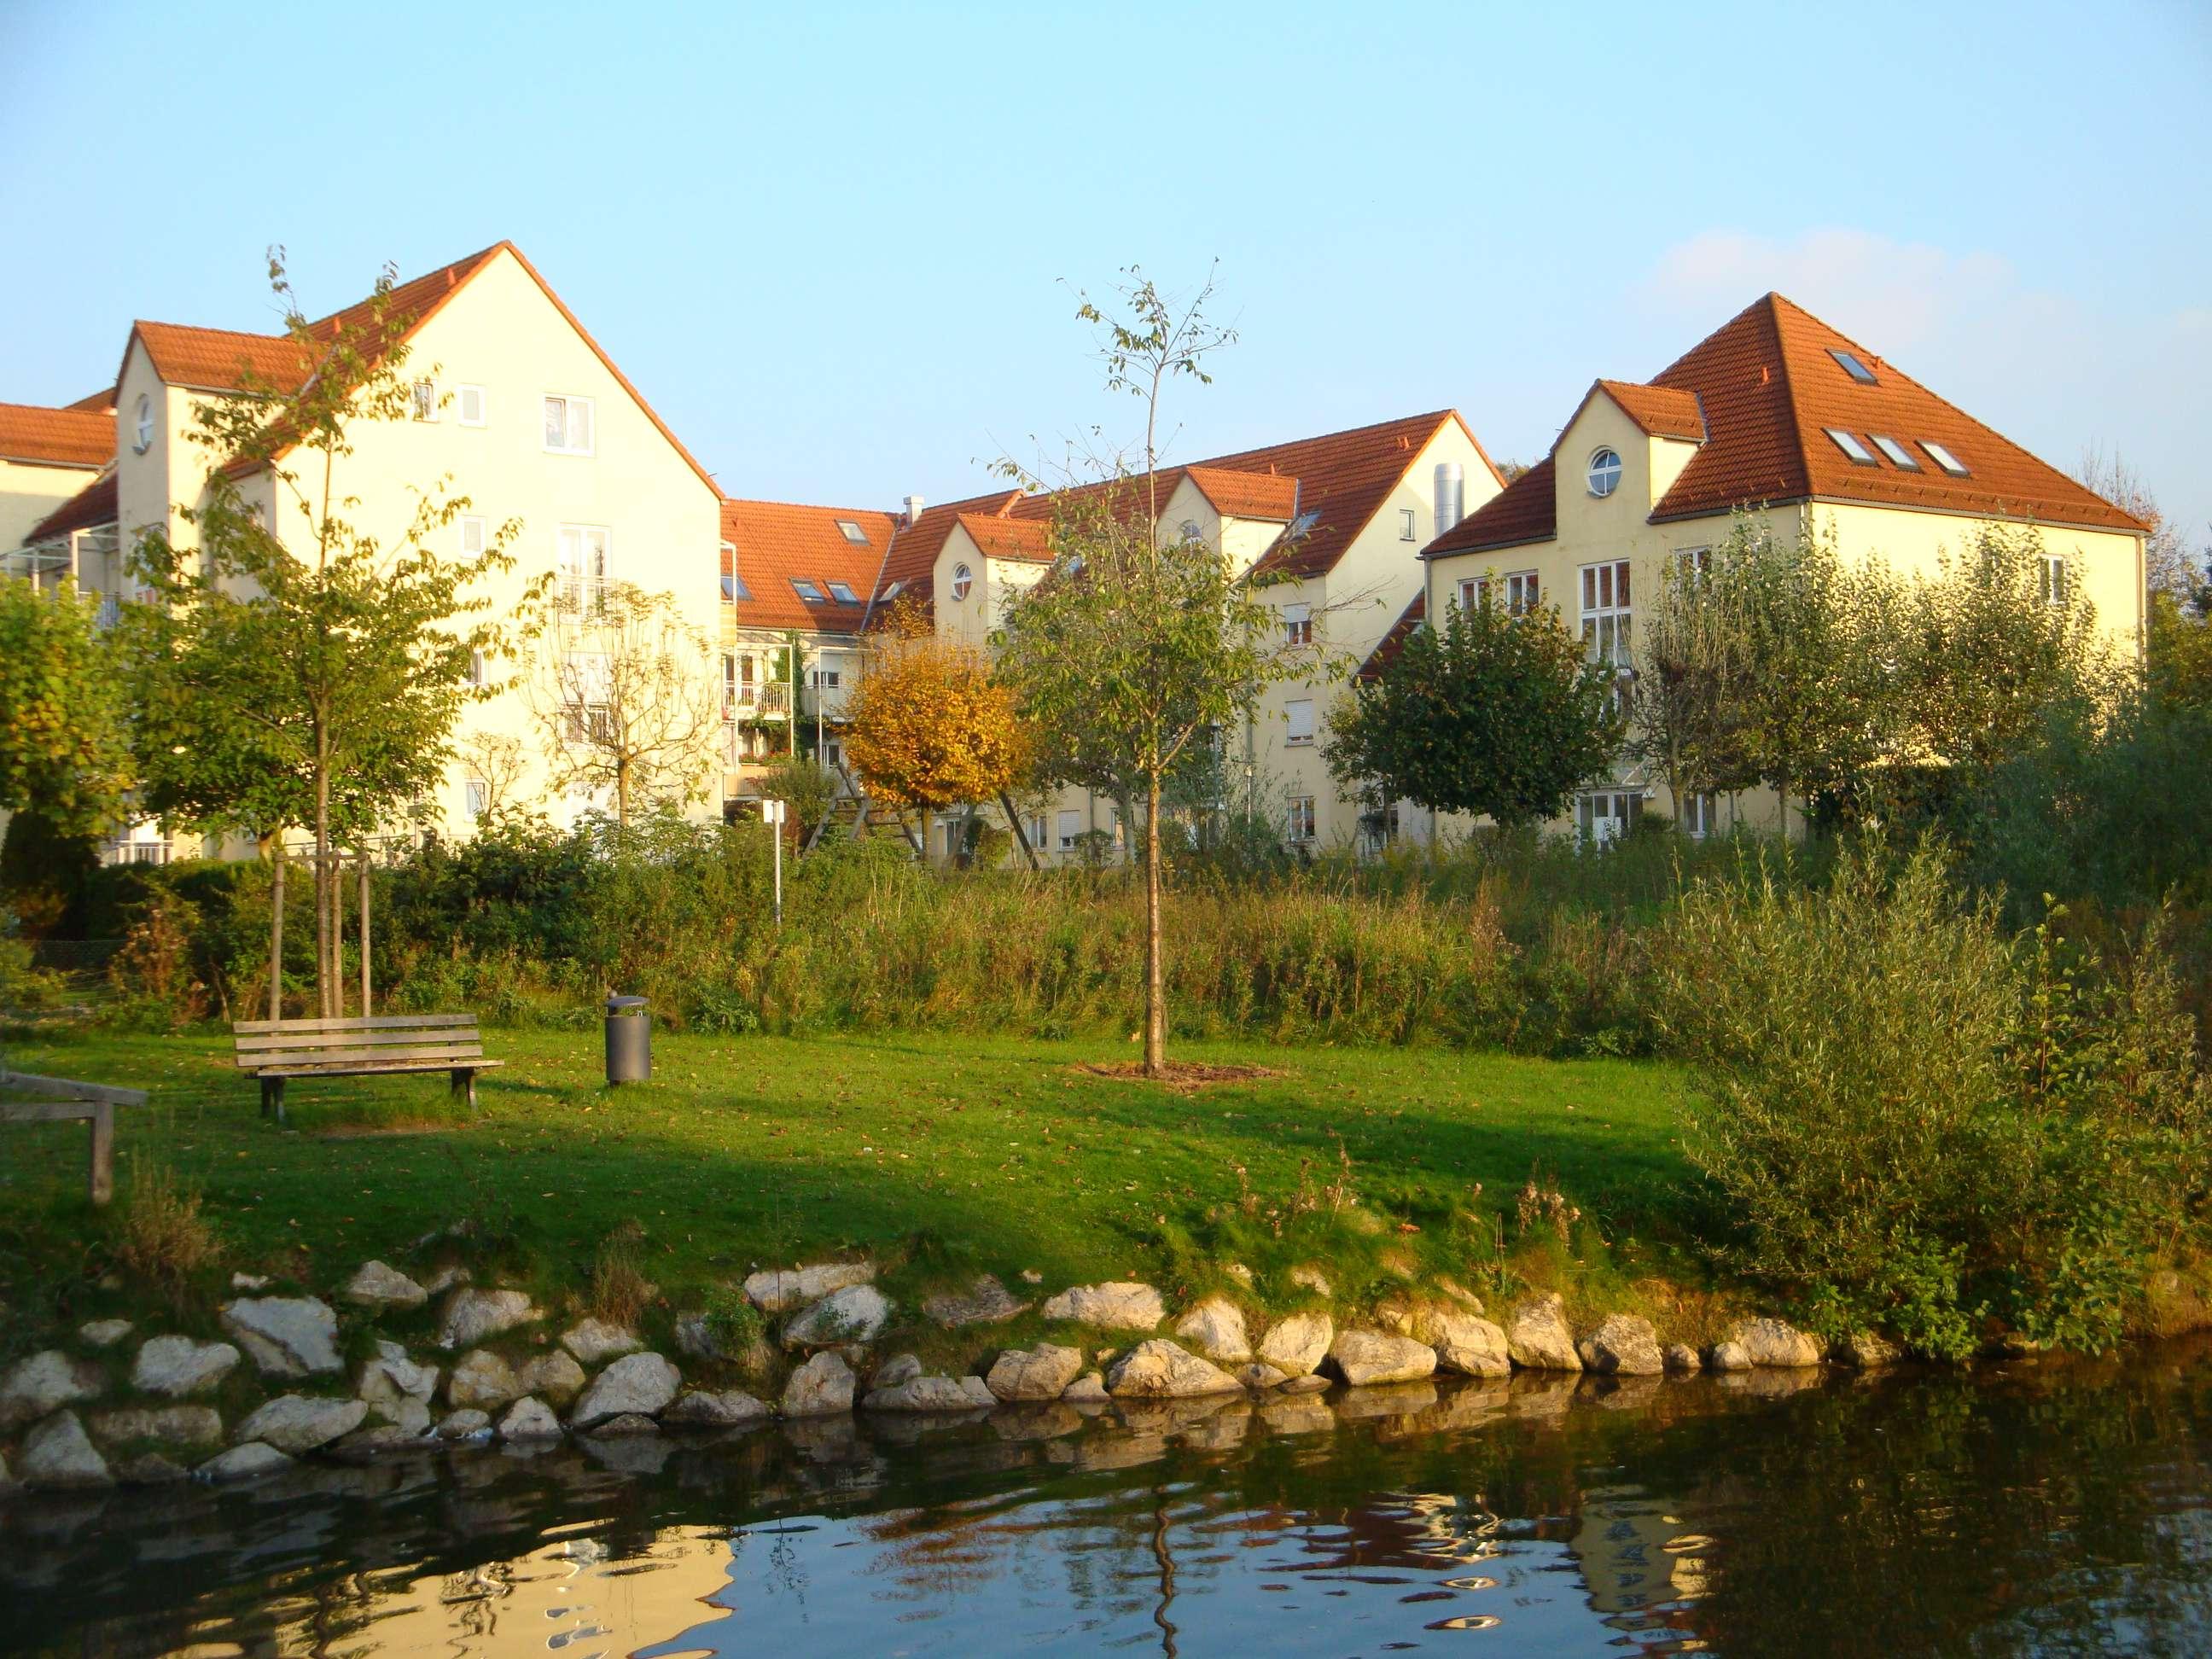 3 Zimmer Wohnung in Günzburg inkl. 2 Tiefgaragenstellplätze, Balkon und Aufzug in